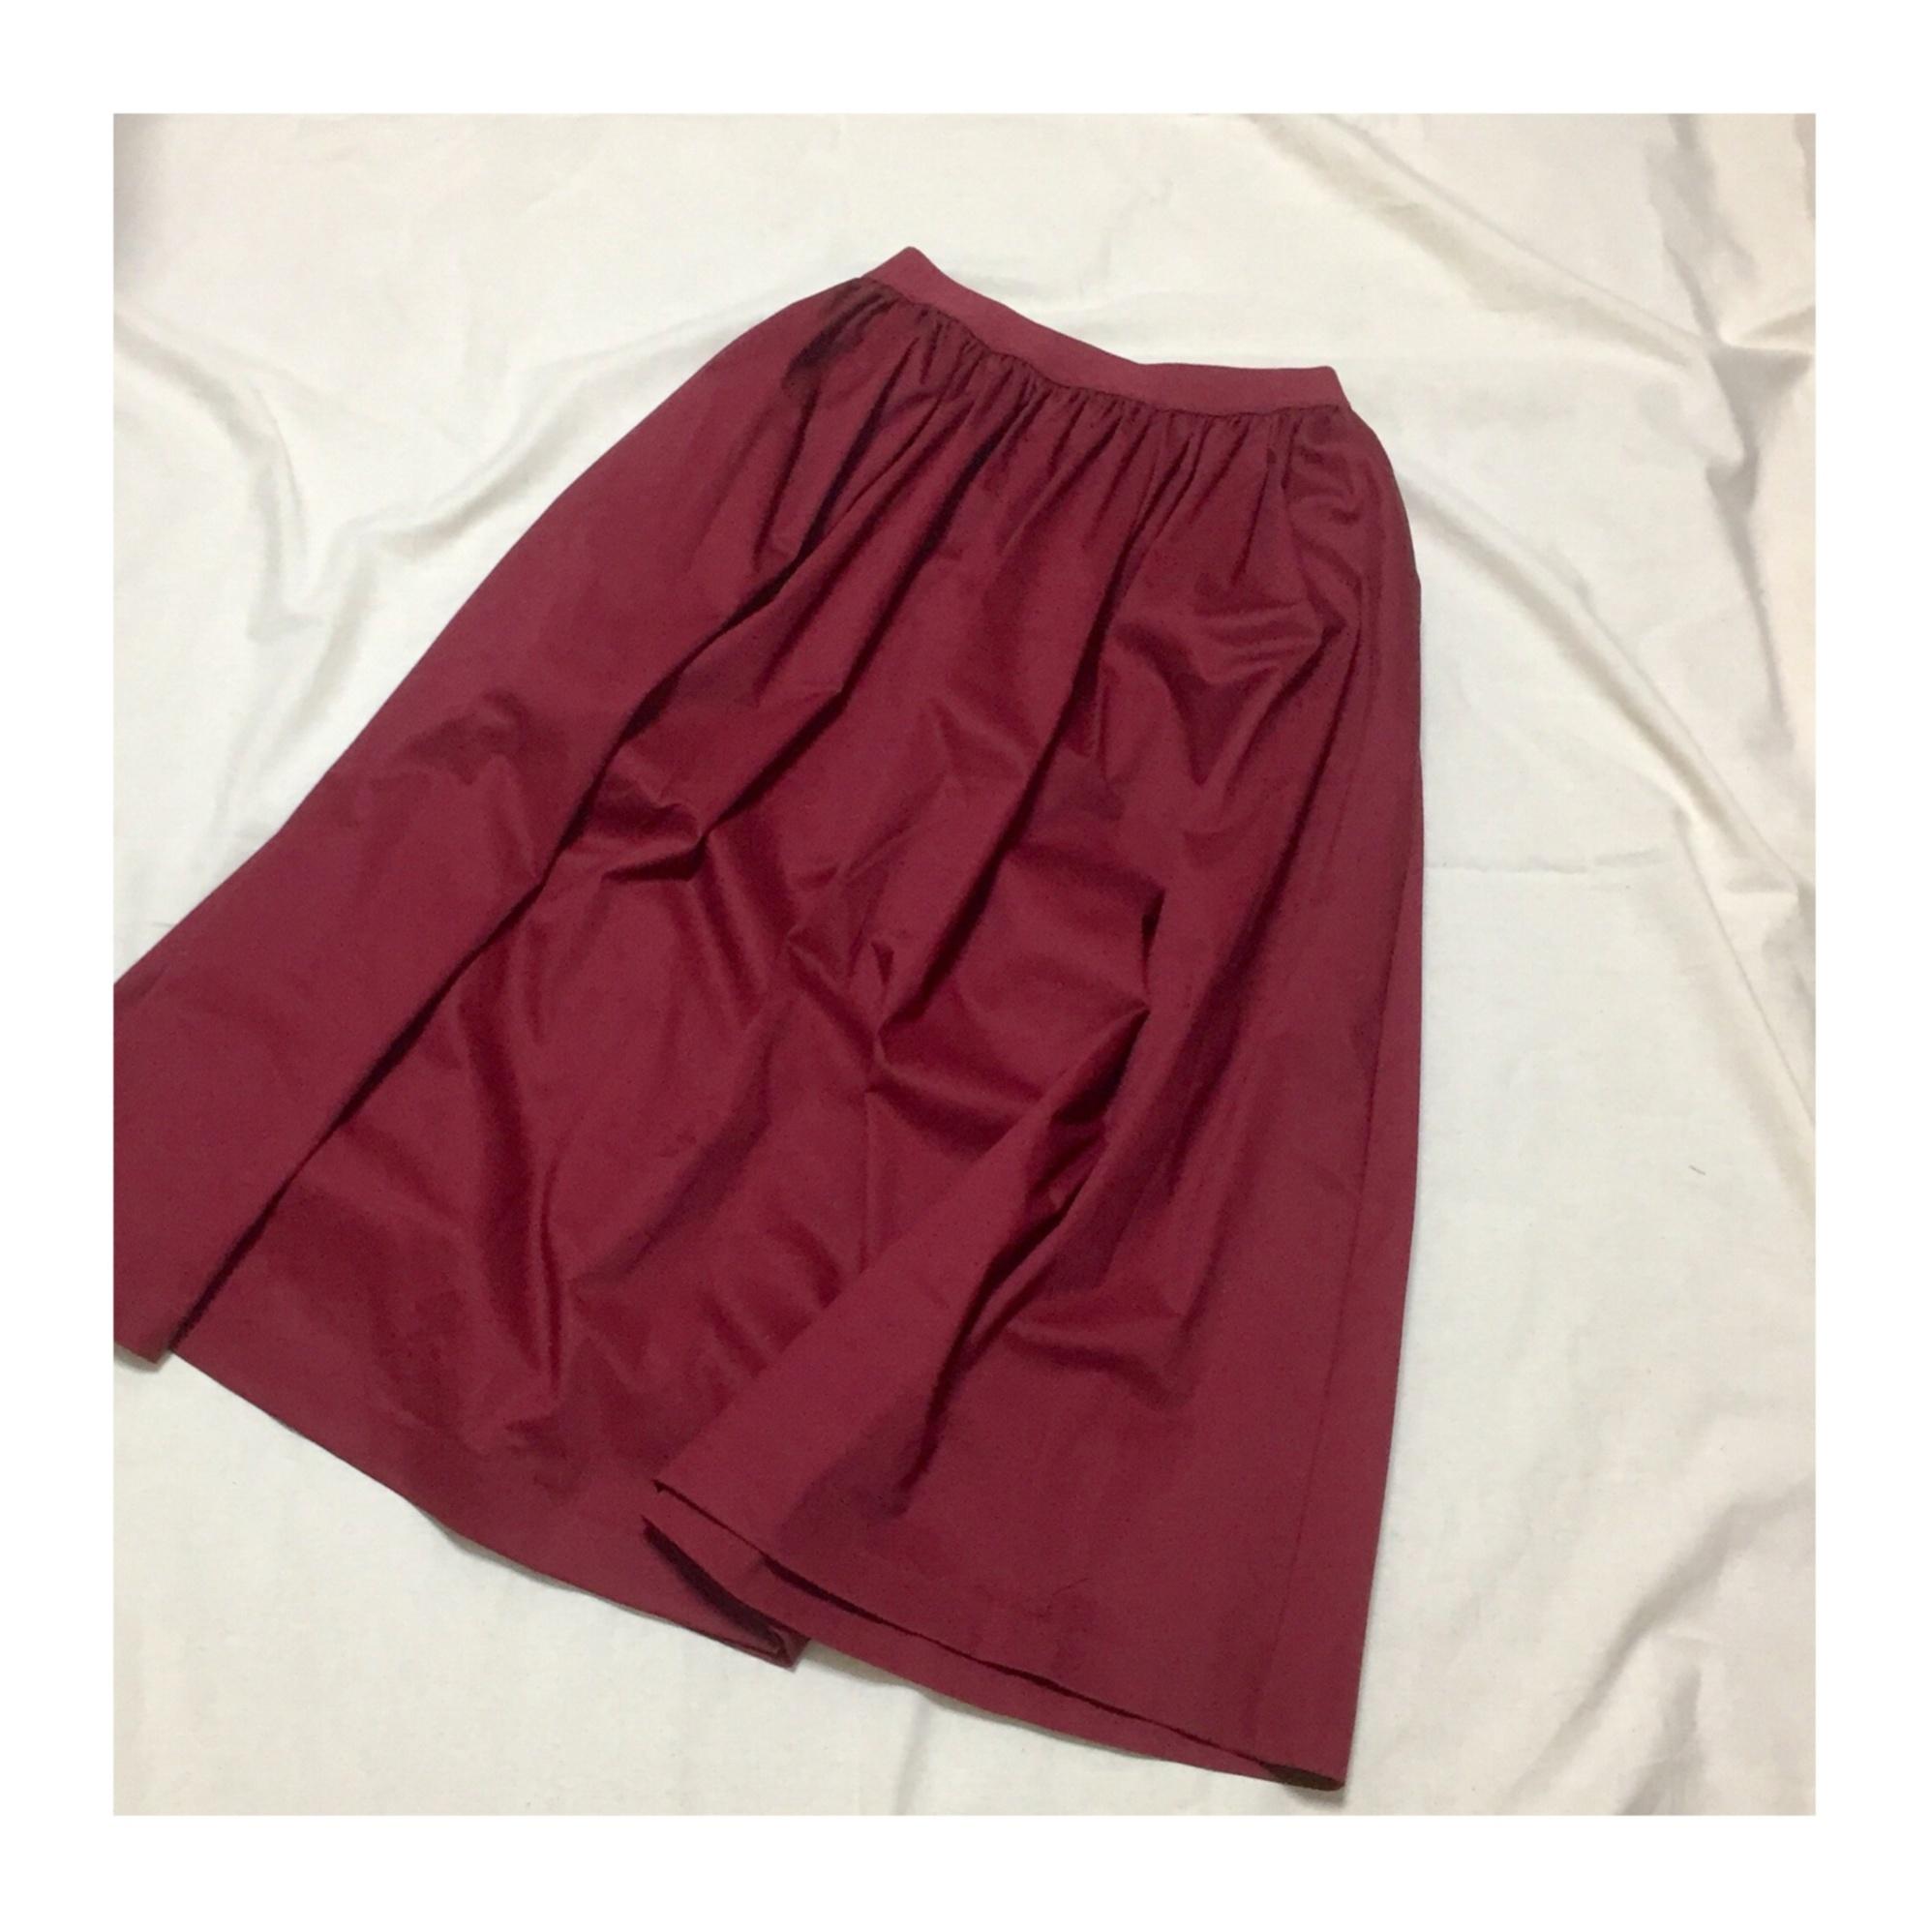 【この夏→秋もUNIQLOが熱い】シンプルなのに可愛い☆ボリュームスカート_1